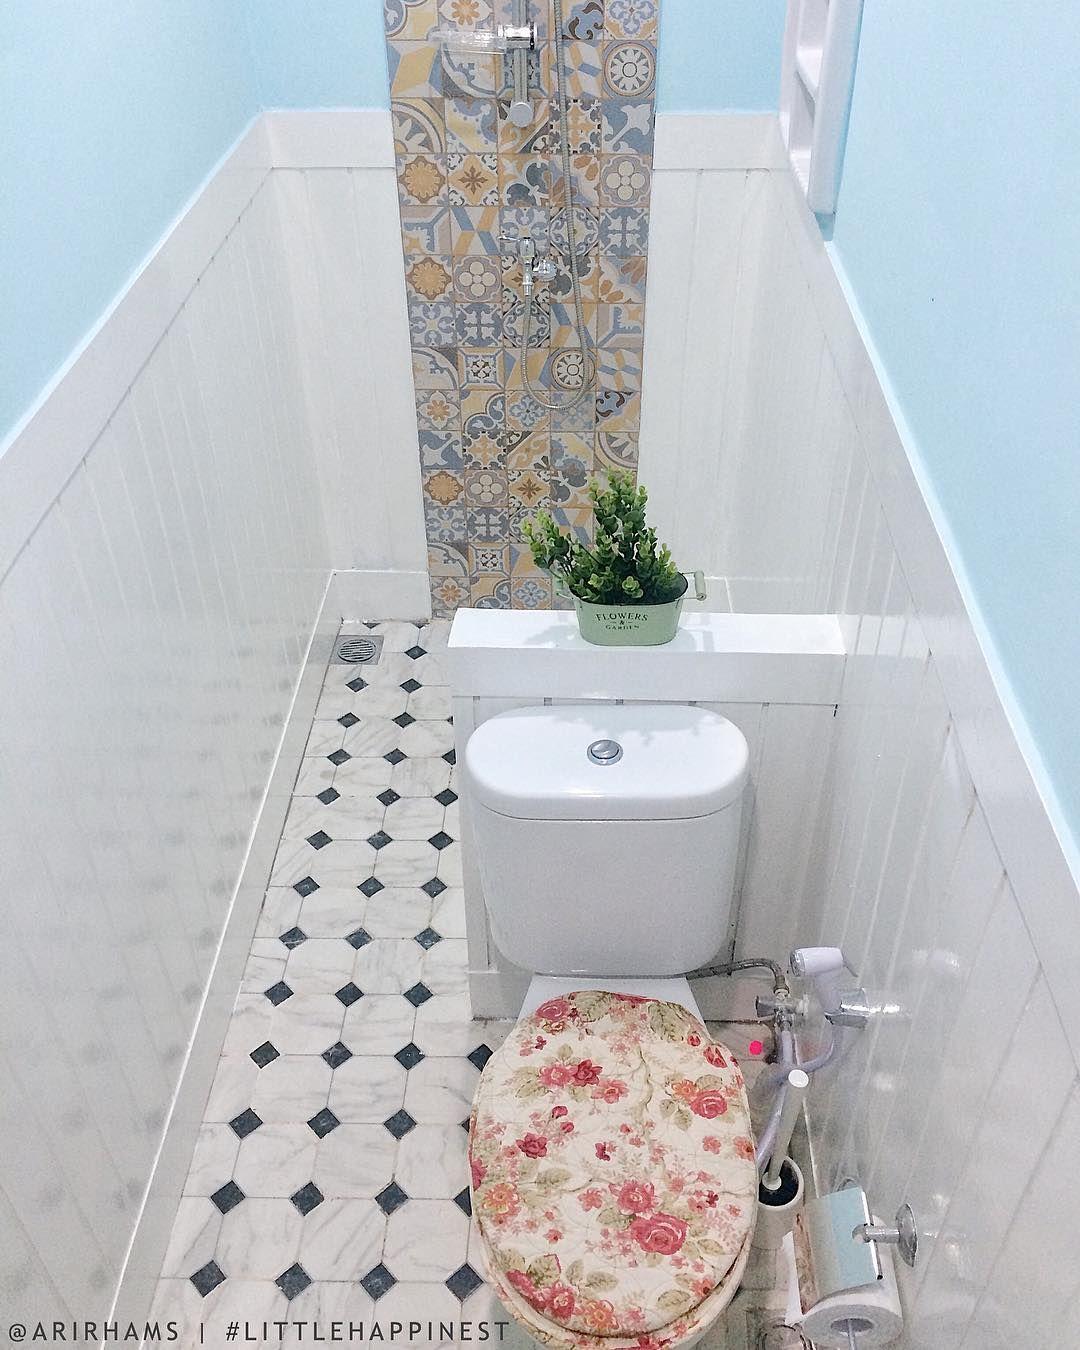 My Private Bathroom Satu2nya Kamar Mandi Kering Di Littlehappynest Khusus Mami Cyla Aja Yg Pake Papa Boleh Numpang Pipis Ka Kamar Mandi Mandi Home Decor